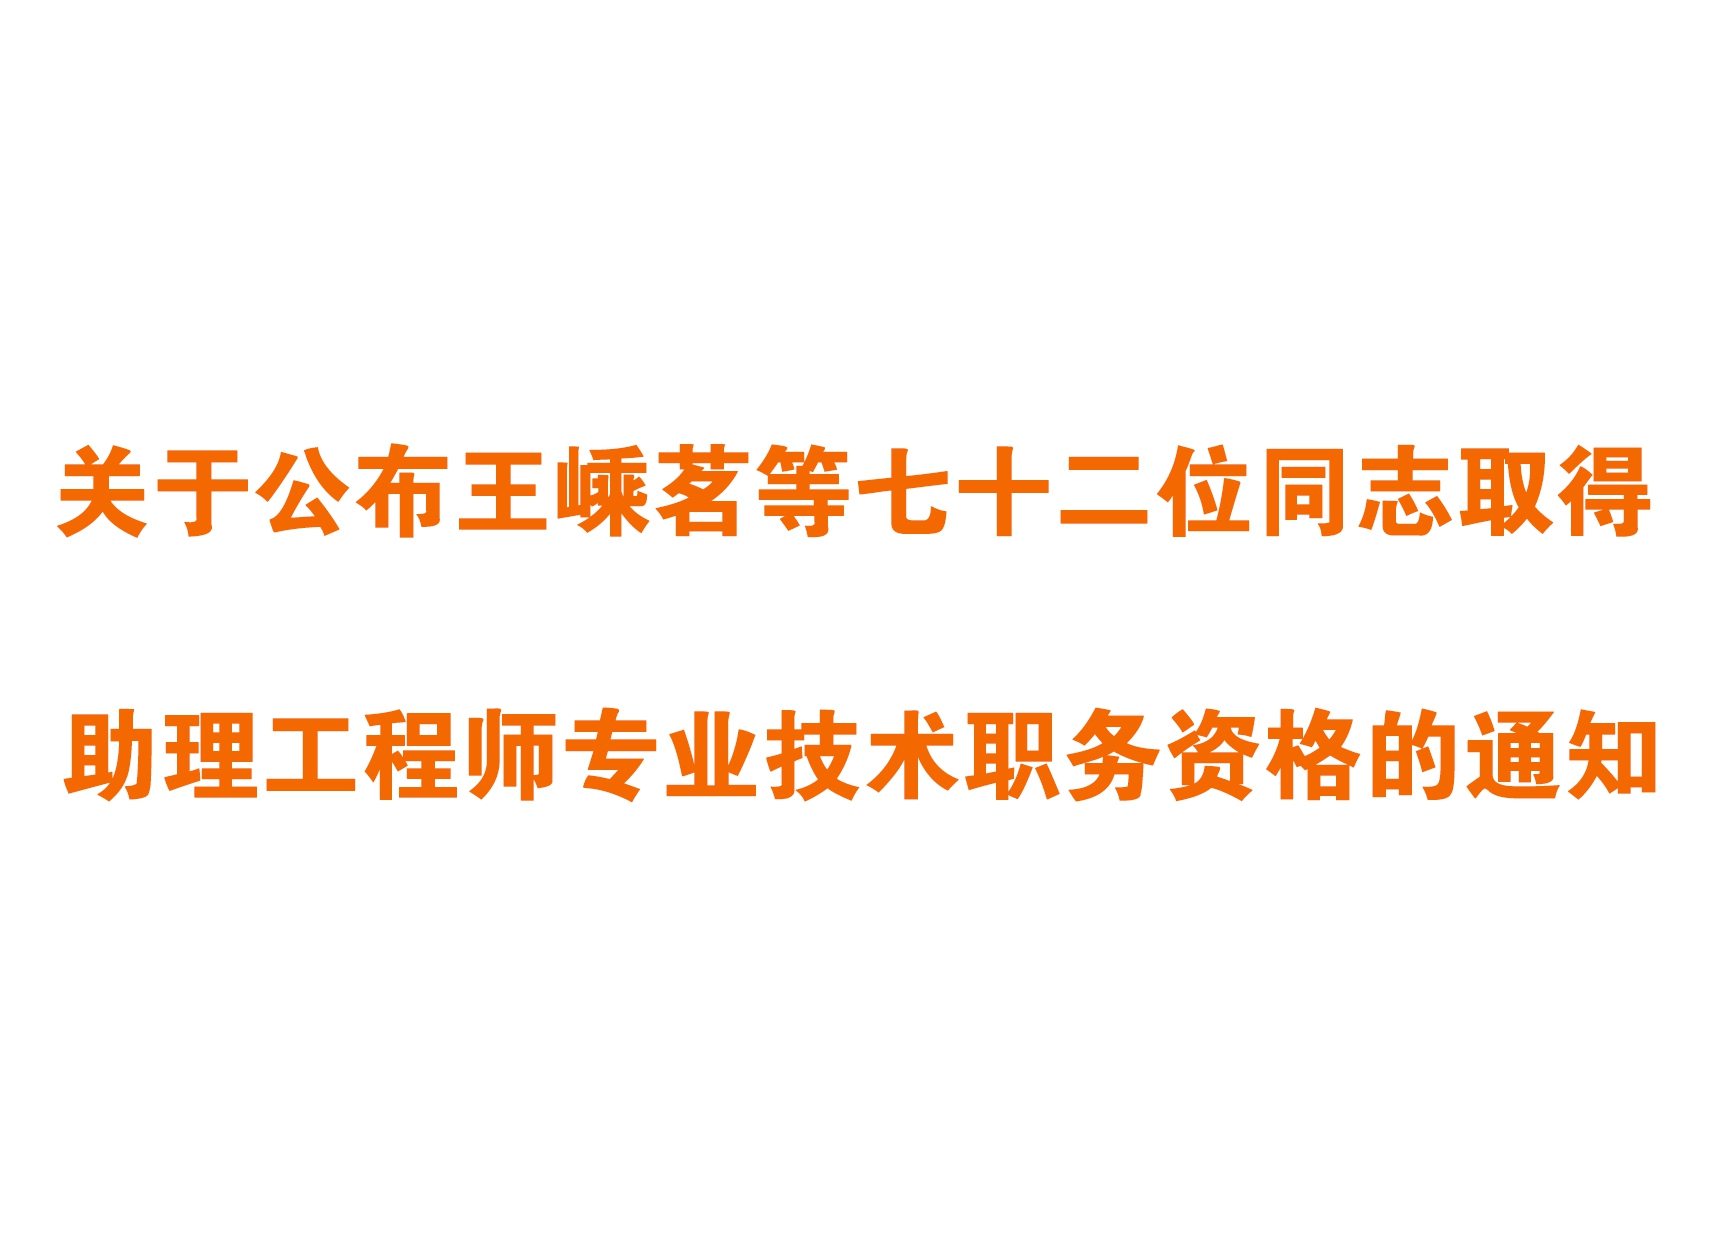 关于公布王嵊茗等七十二位同志取得 助理工程师专业技术职务资格